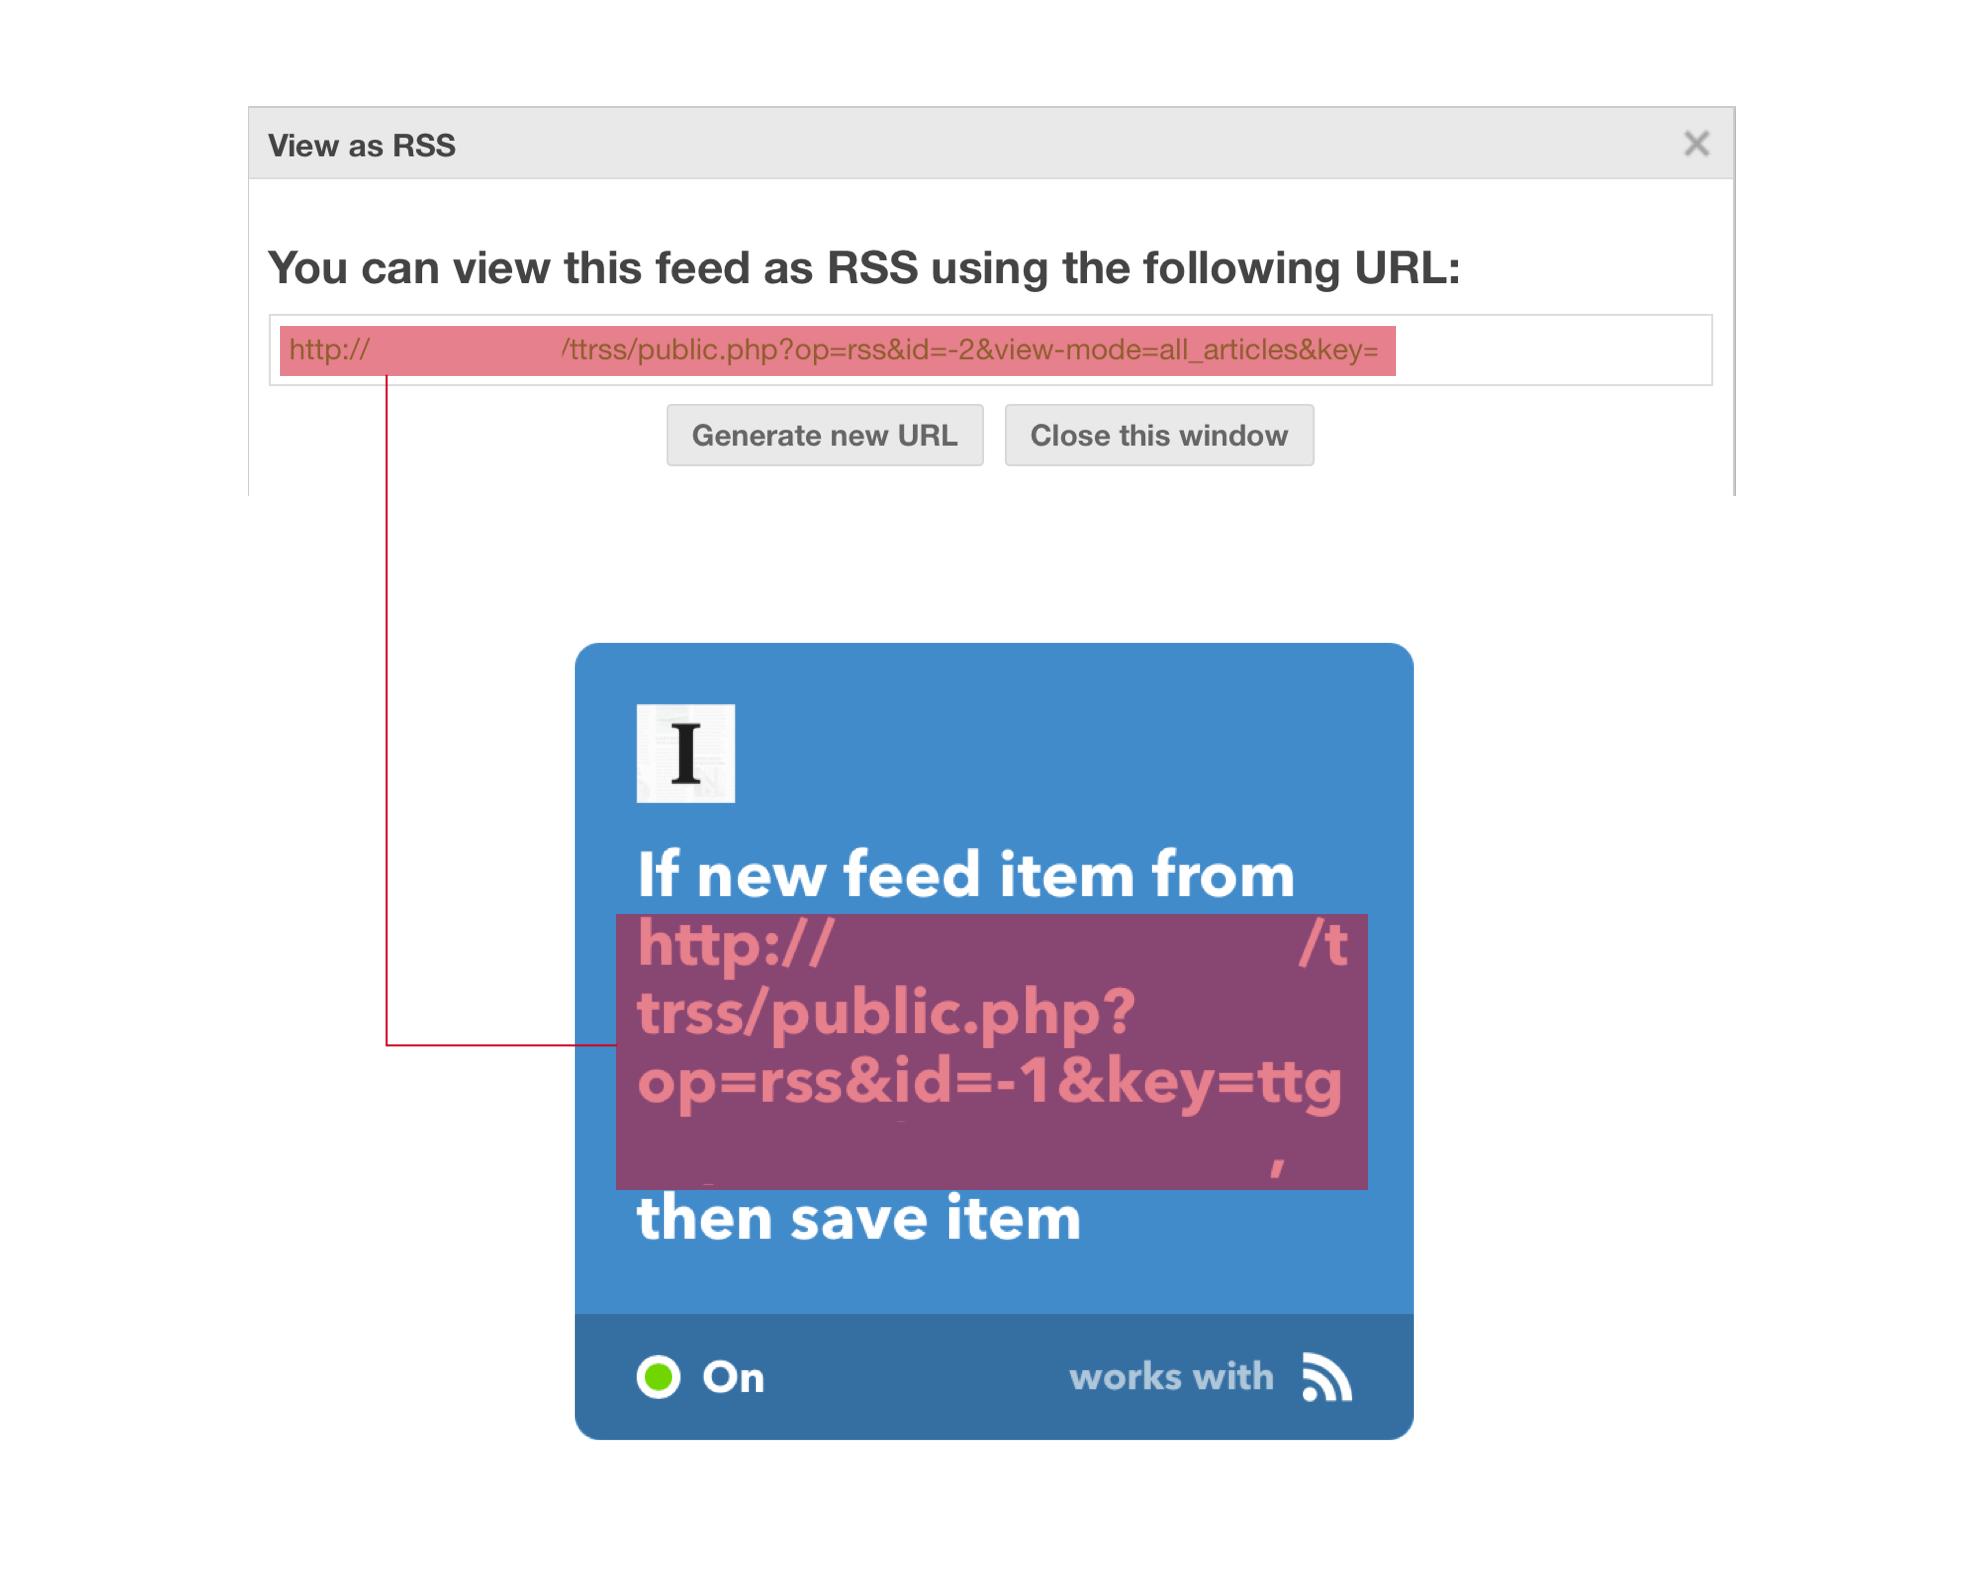 用 IFTTT 即时推送 Tiny Tiny RSS 筛选出的主题